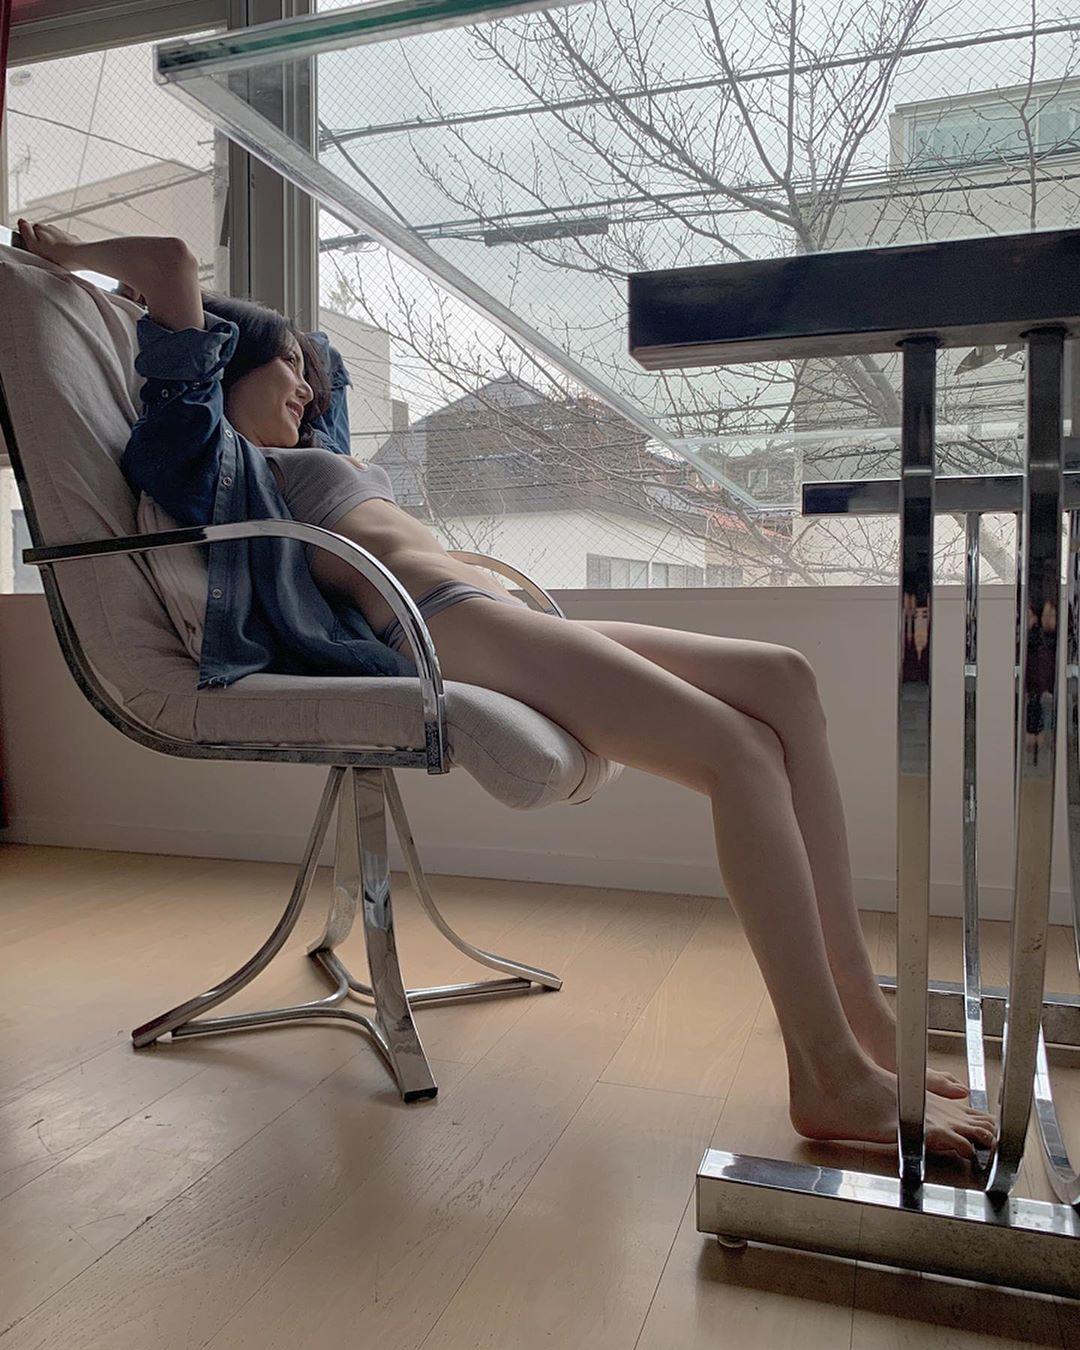 日本大胃王美女细肩带背心内衣饱满胸型外泄 养眼图片 第3张